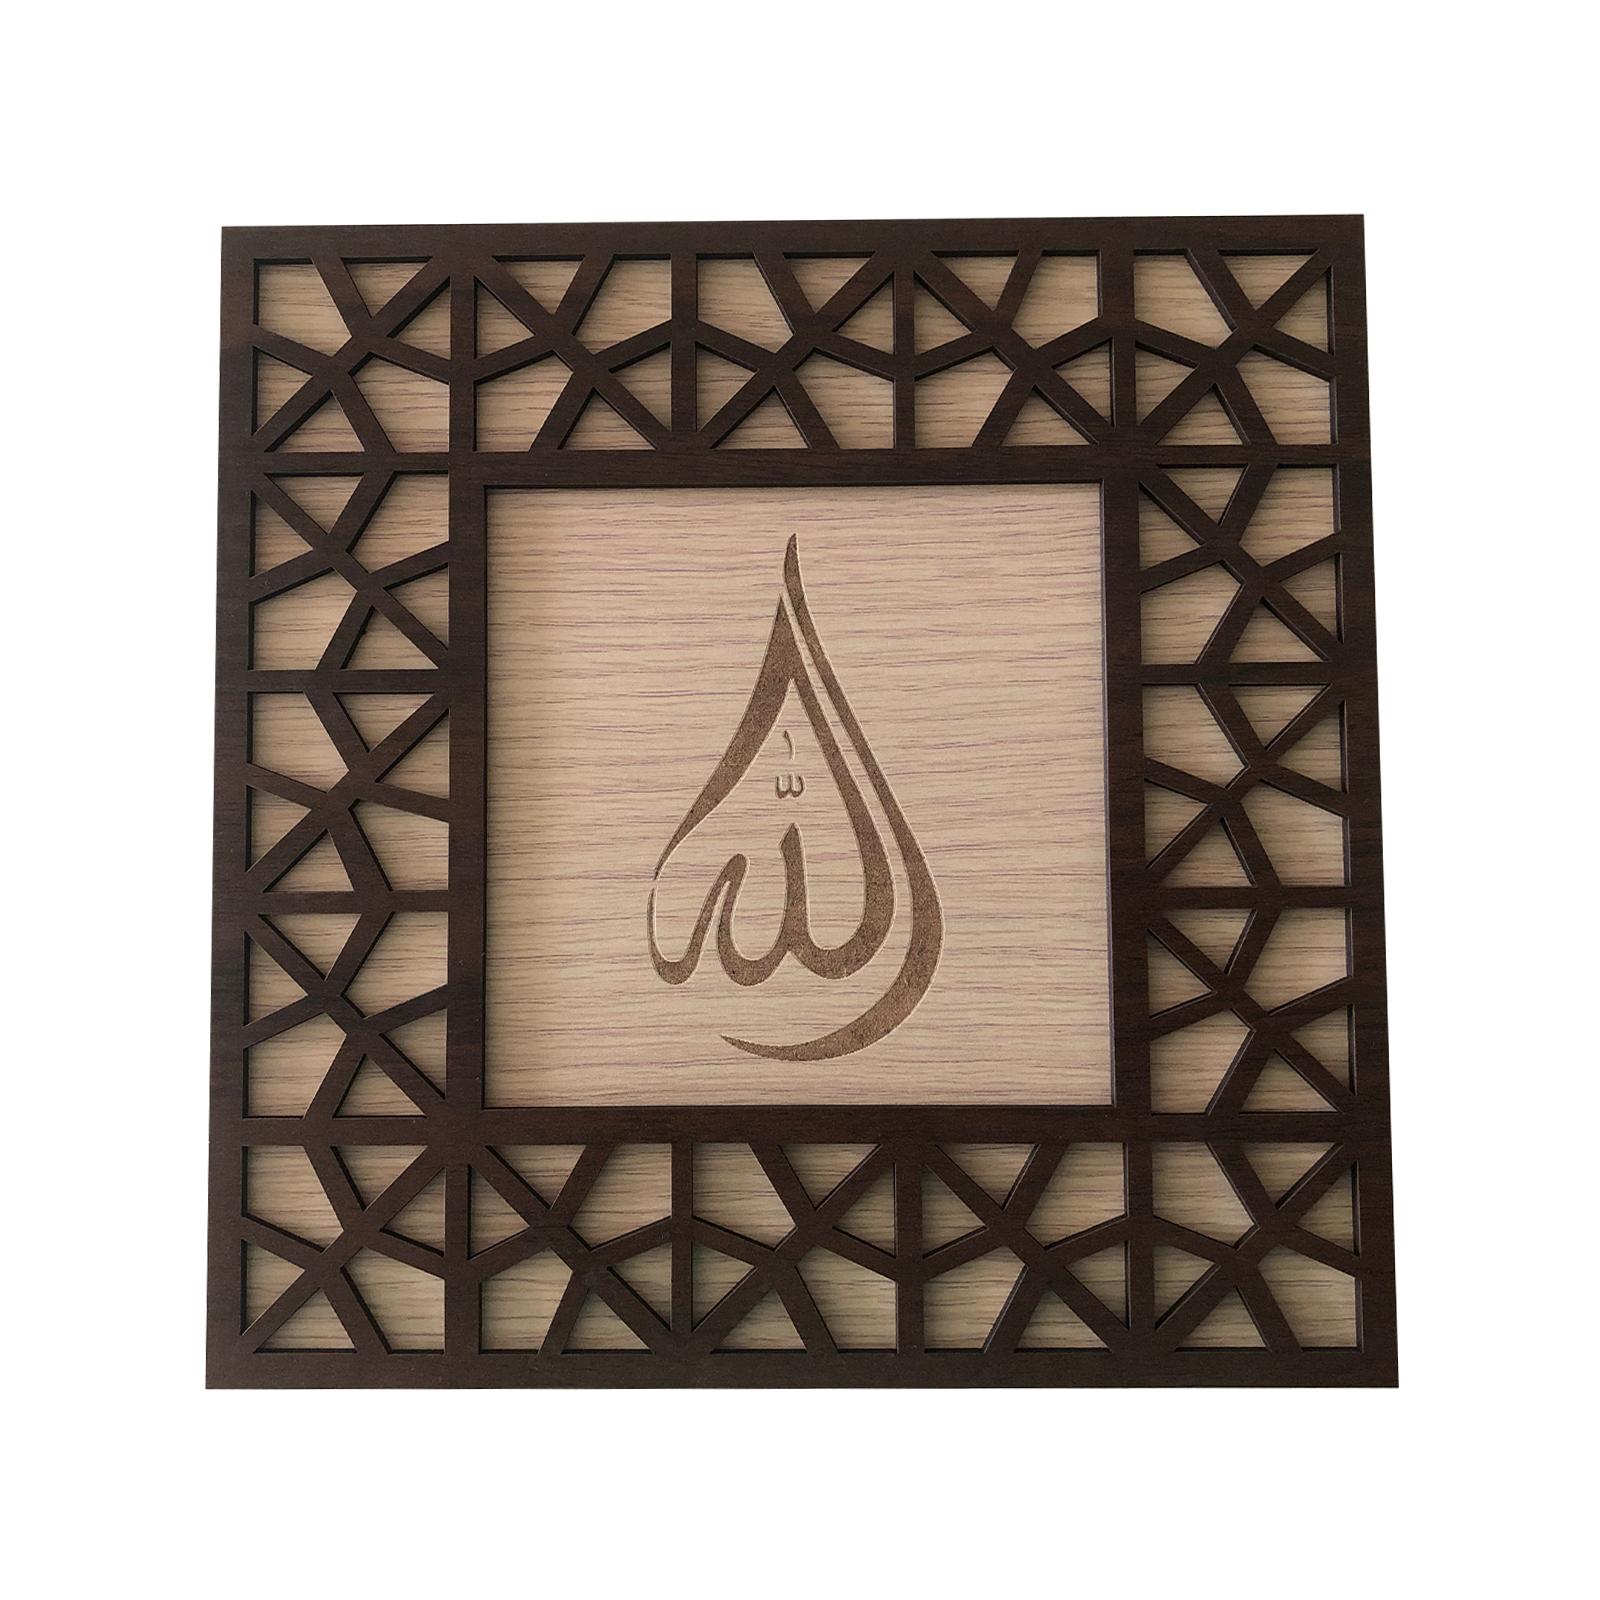 تابلو چوبی طرح الله مدل دل نوشته کد ta5